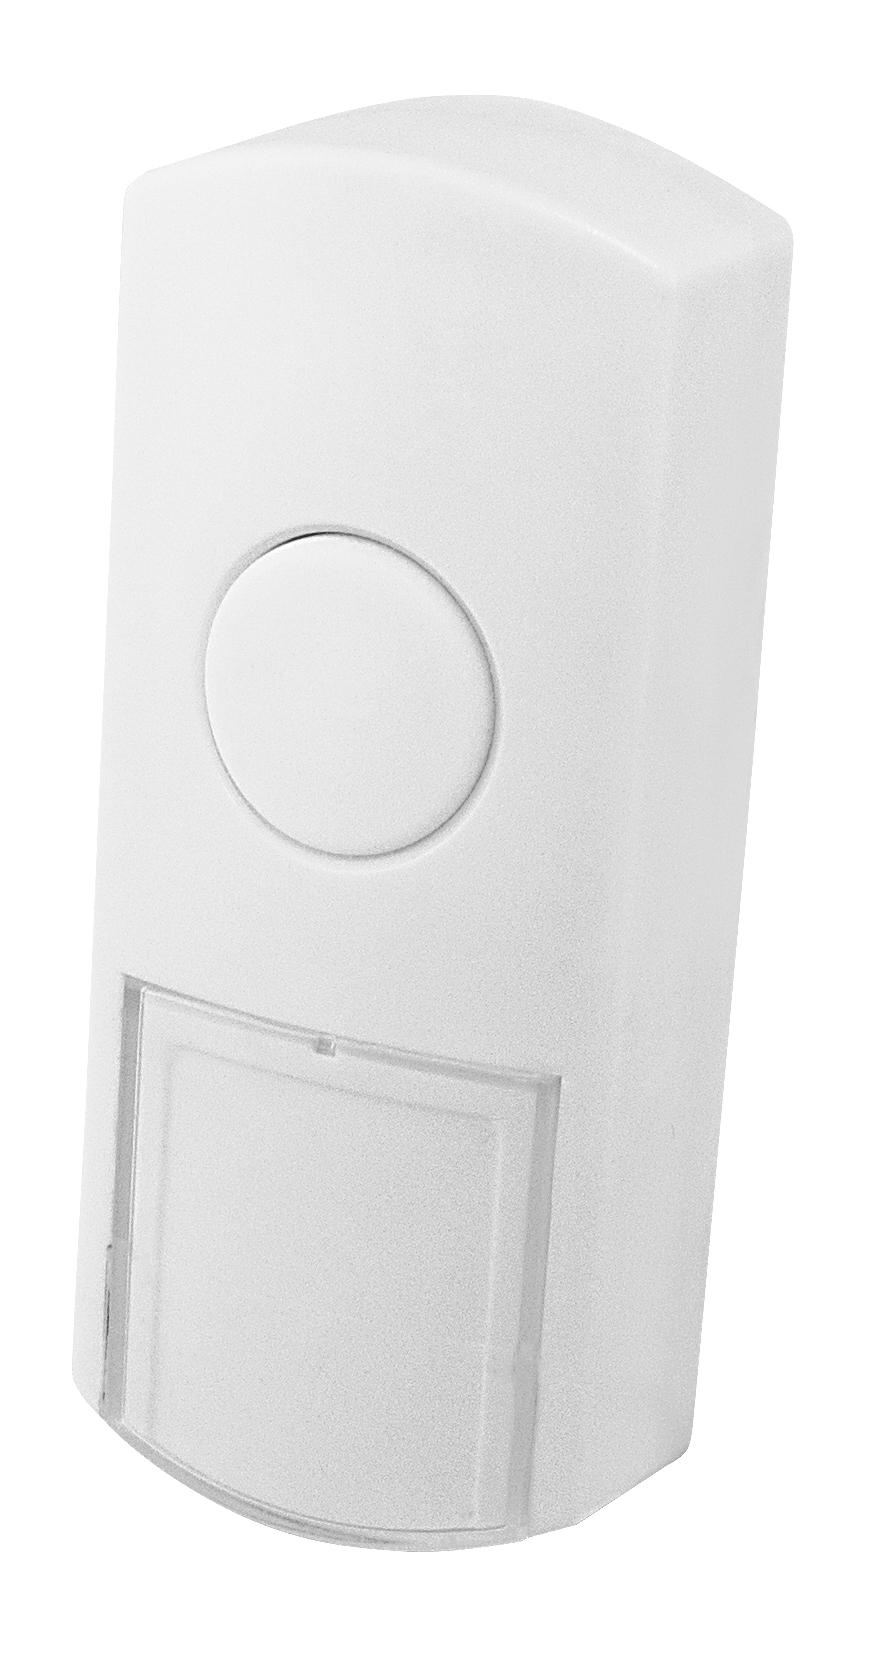 Кнопка ТДМЗвонки<br>Тип: кнопка,<br>Тип звонка: проводной,<br>Цвет: белый,<br>Источники питания: сеть 220v,<br>Степень защиты от пыли и влаги: IP 20,<br>Количество каналов: 1<br>